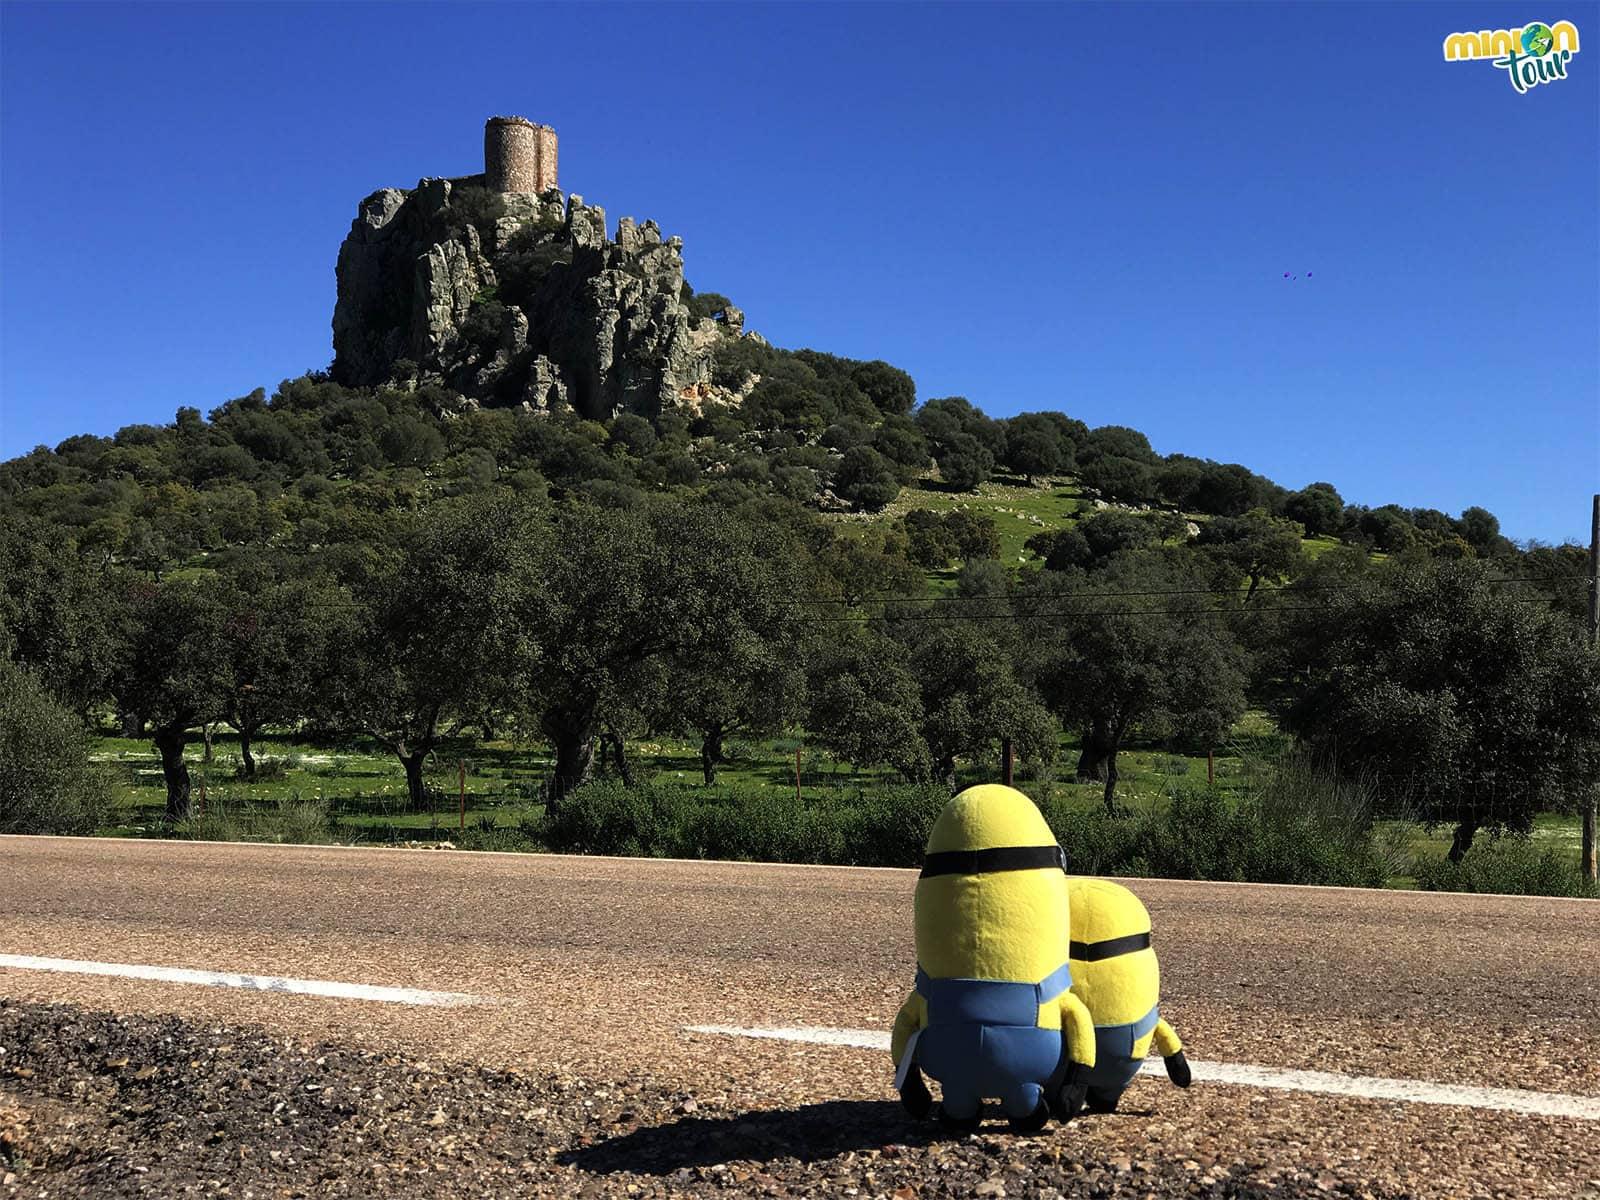 Vista del Castillo de Almorchón, otra parada en nuestra ruta por la Comarca de La Serena